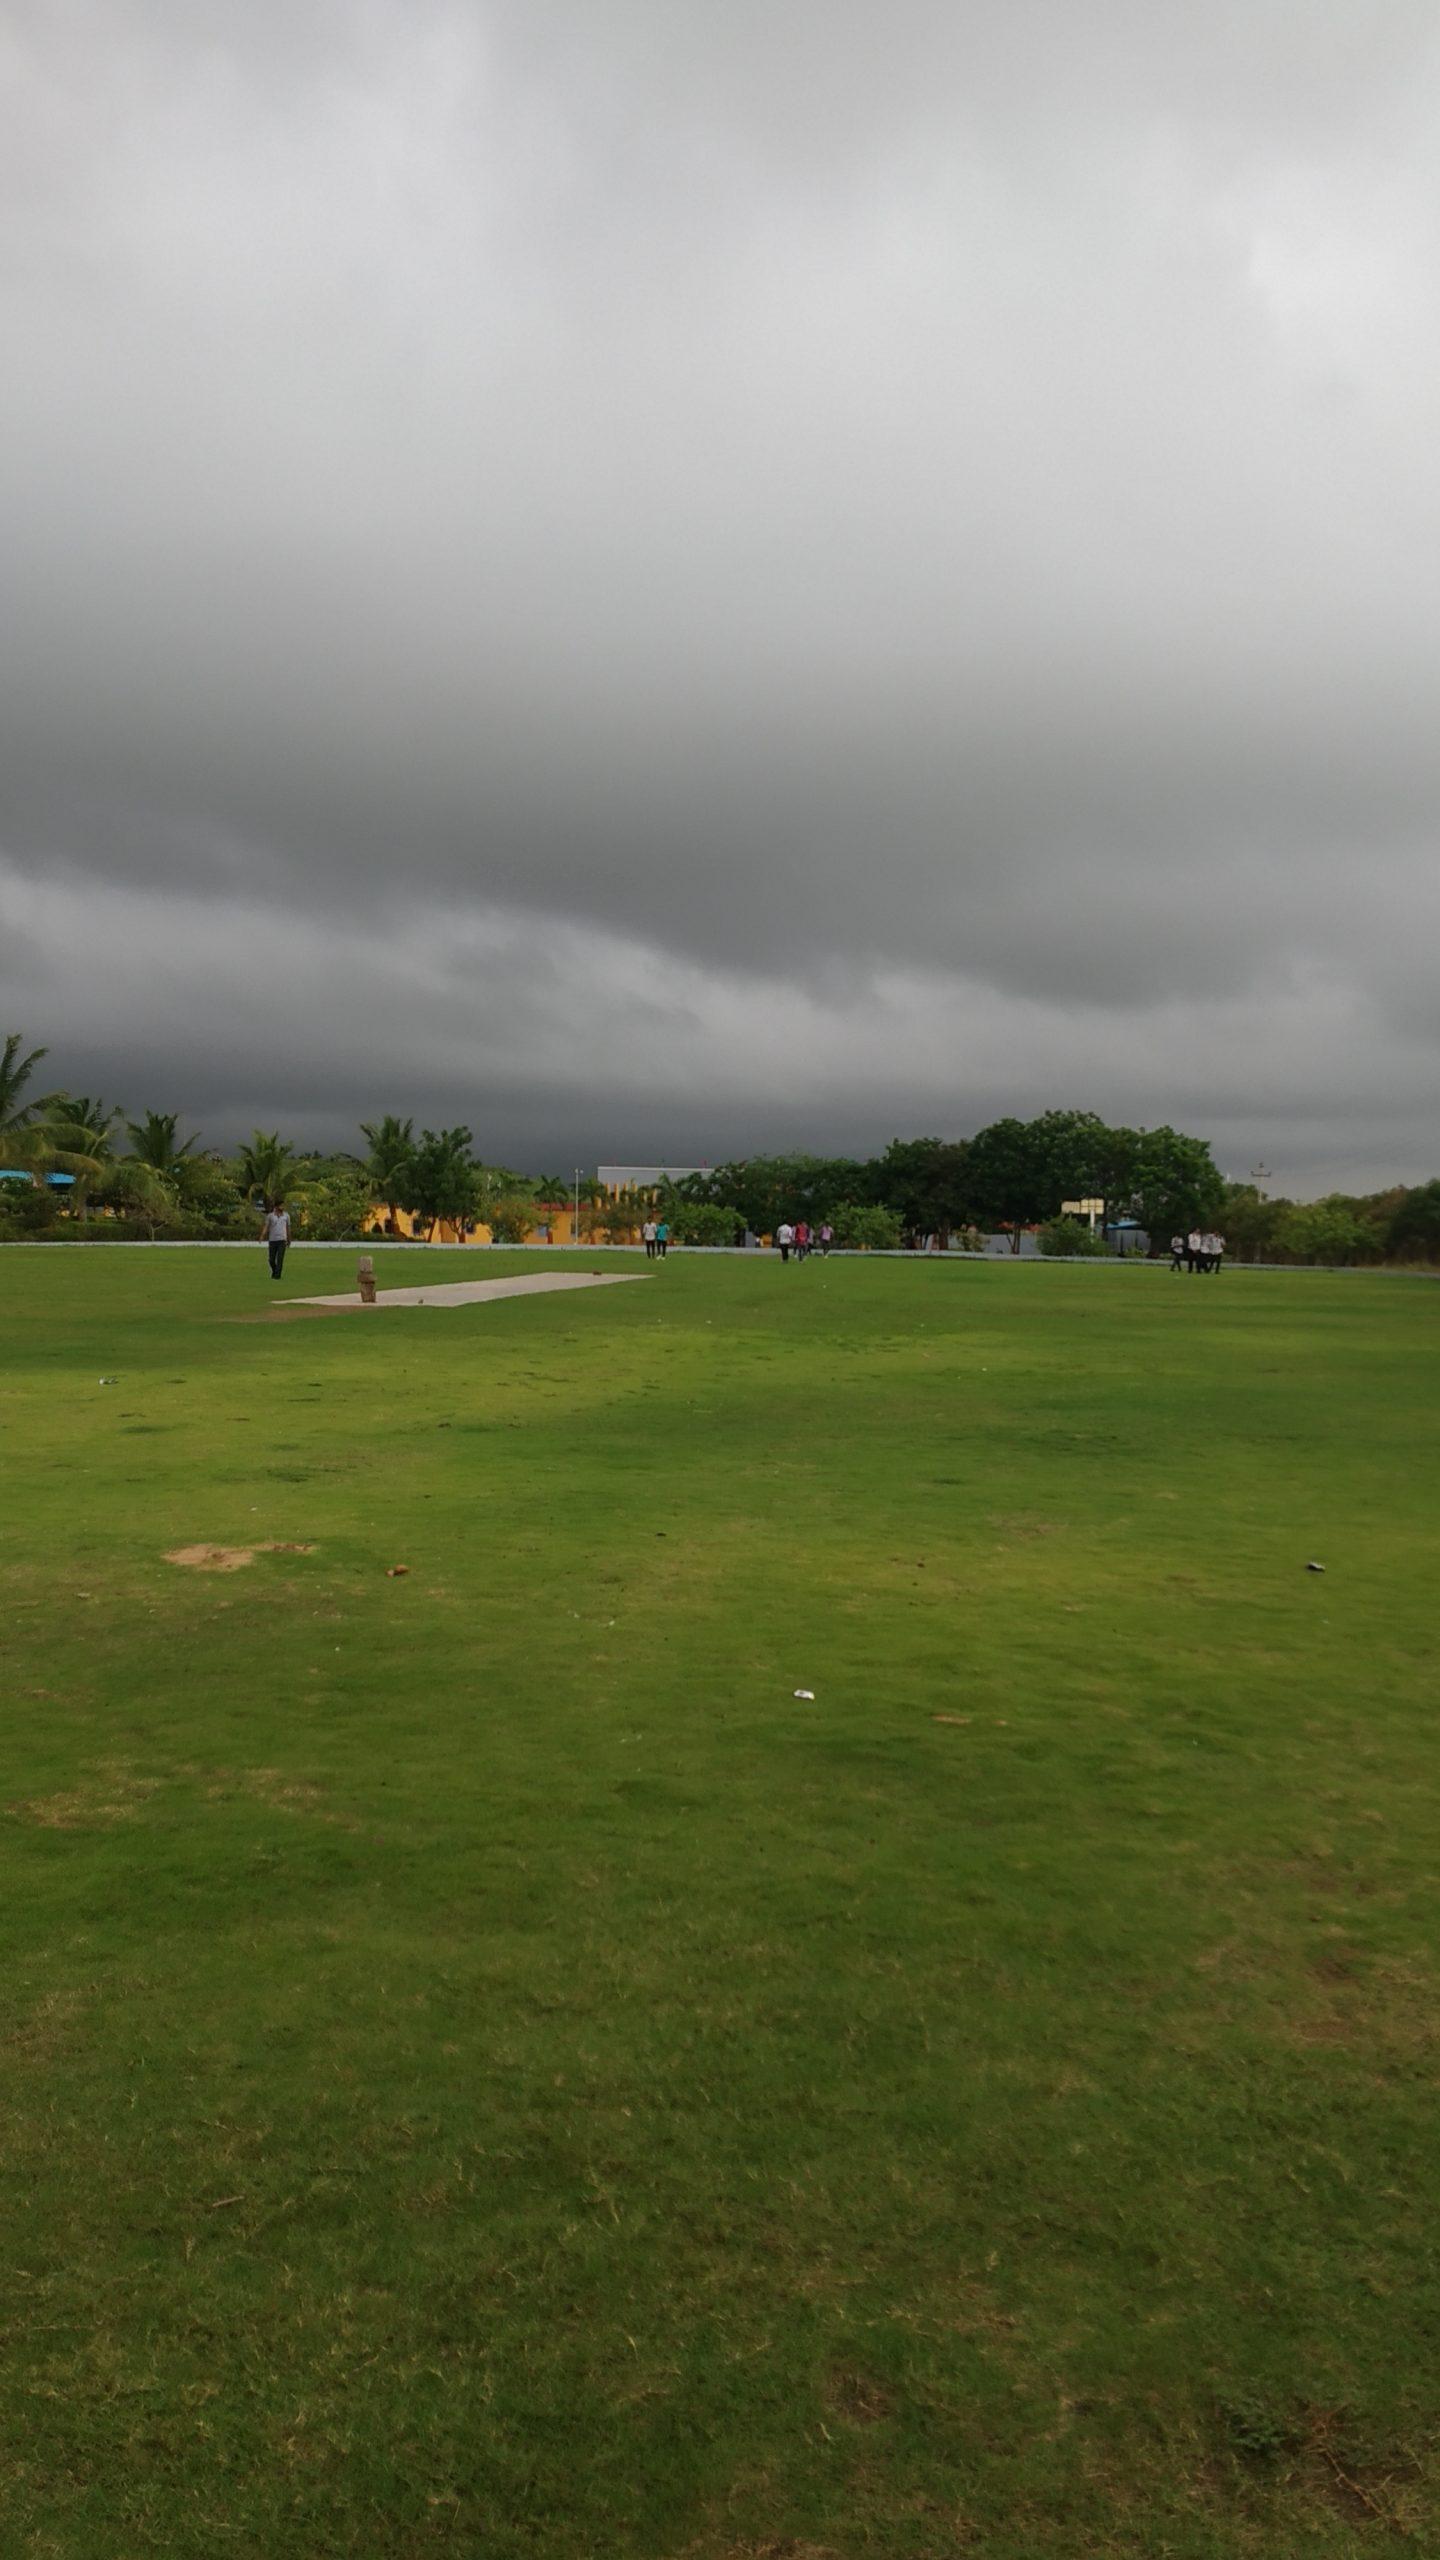 A Grass Field